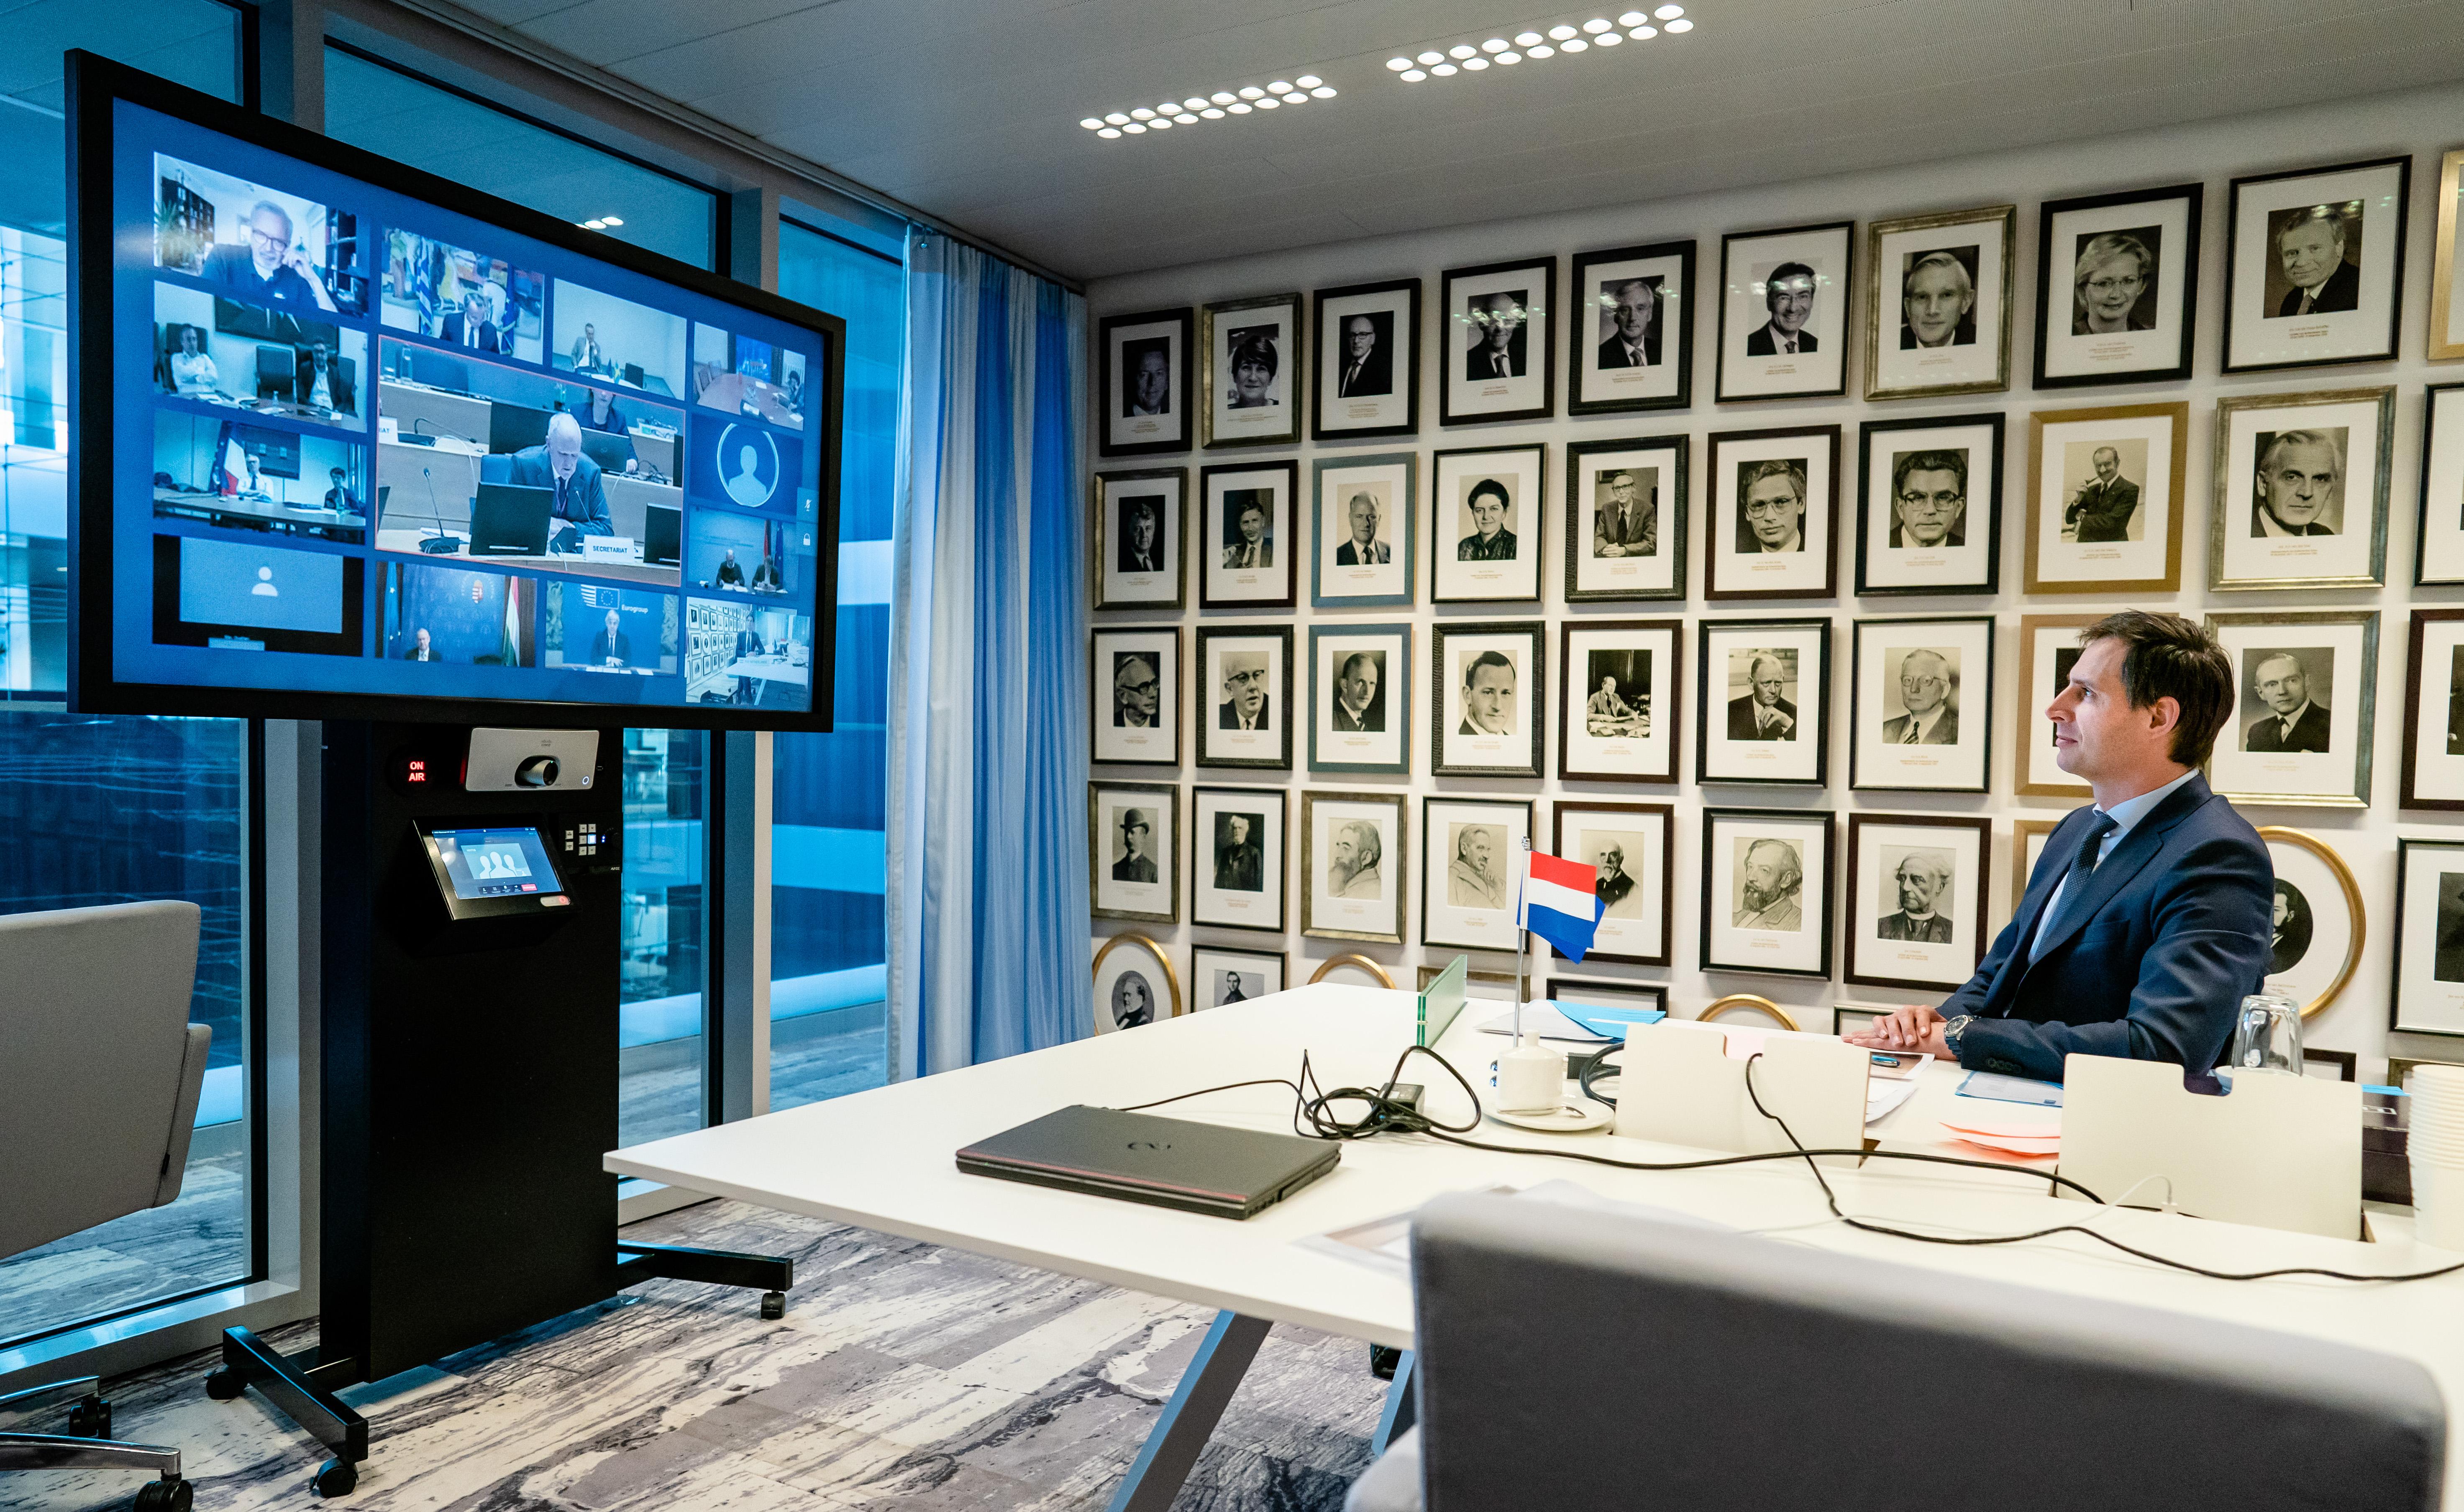 Op de foto minister Hoekstra van Financiën die via video overlegt met zijn collega's in Europa.